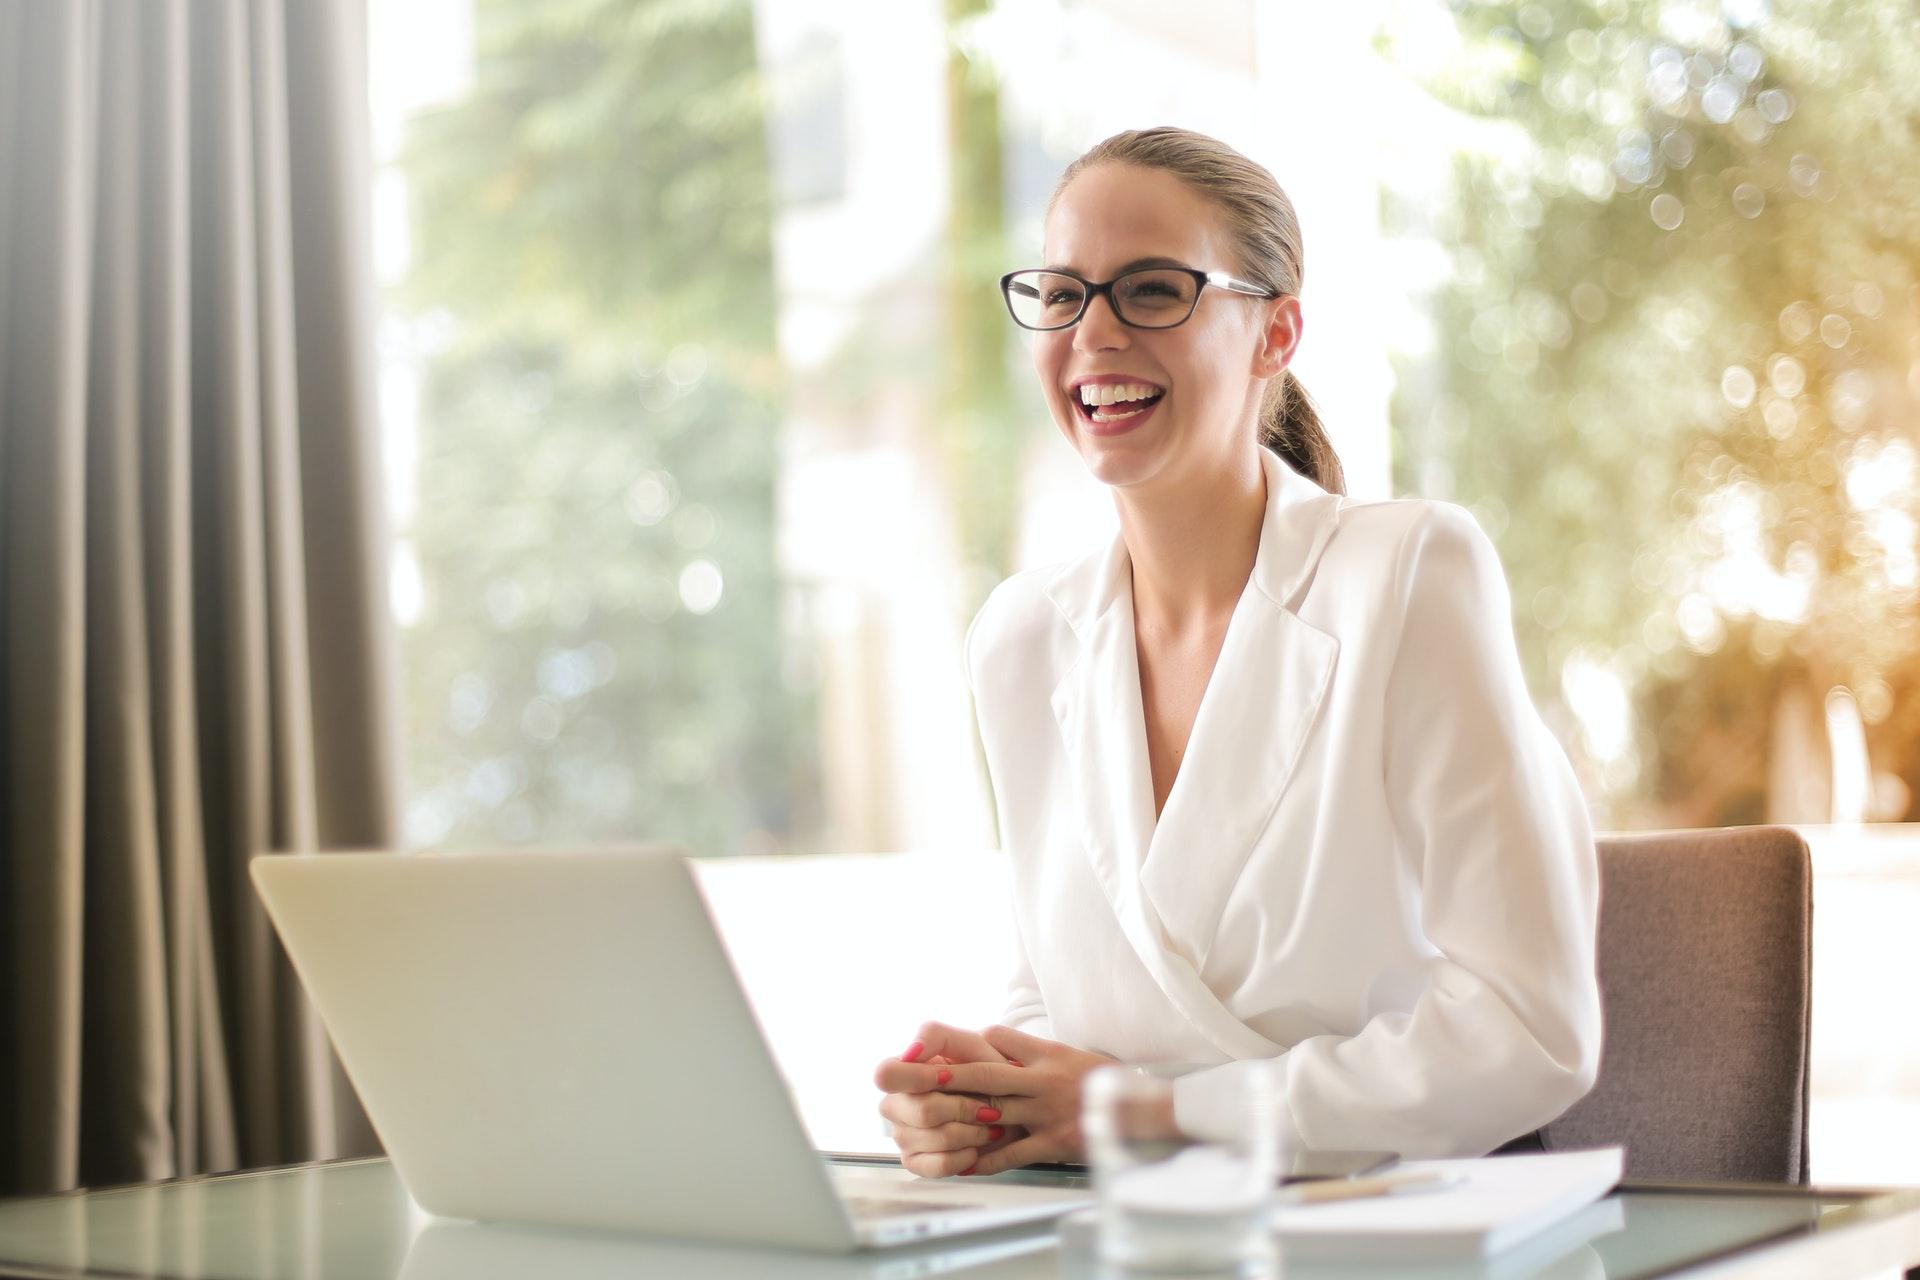 Imagem de uma mulher sorrindo e olhando para um computador. Imagem ilustrativa texto franquias baratas que valem a pena.